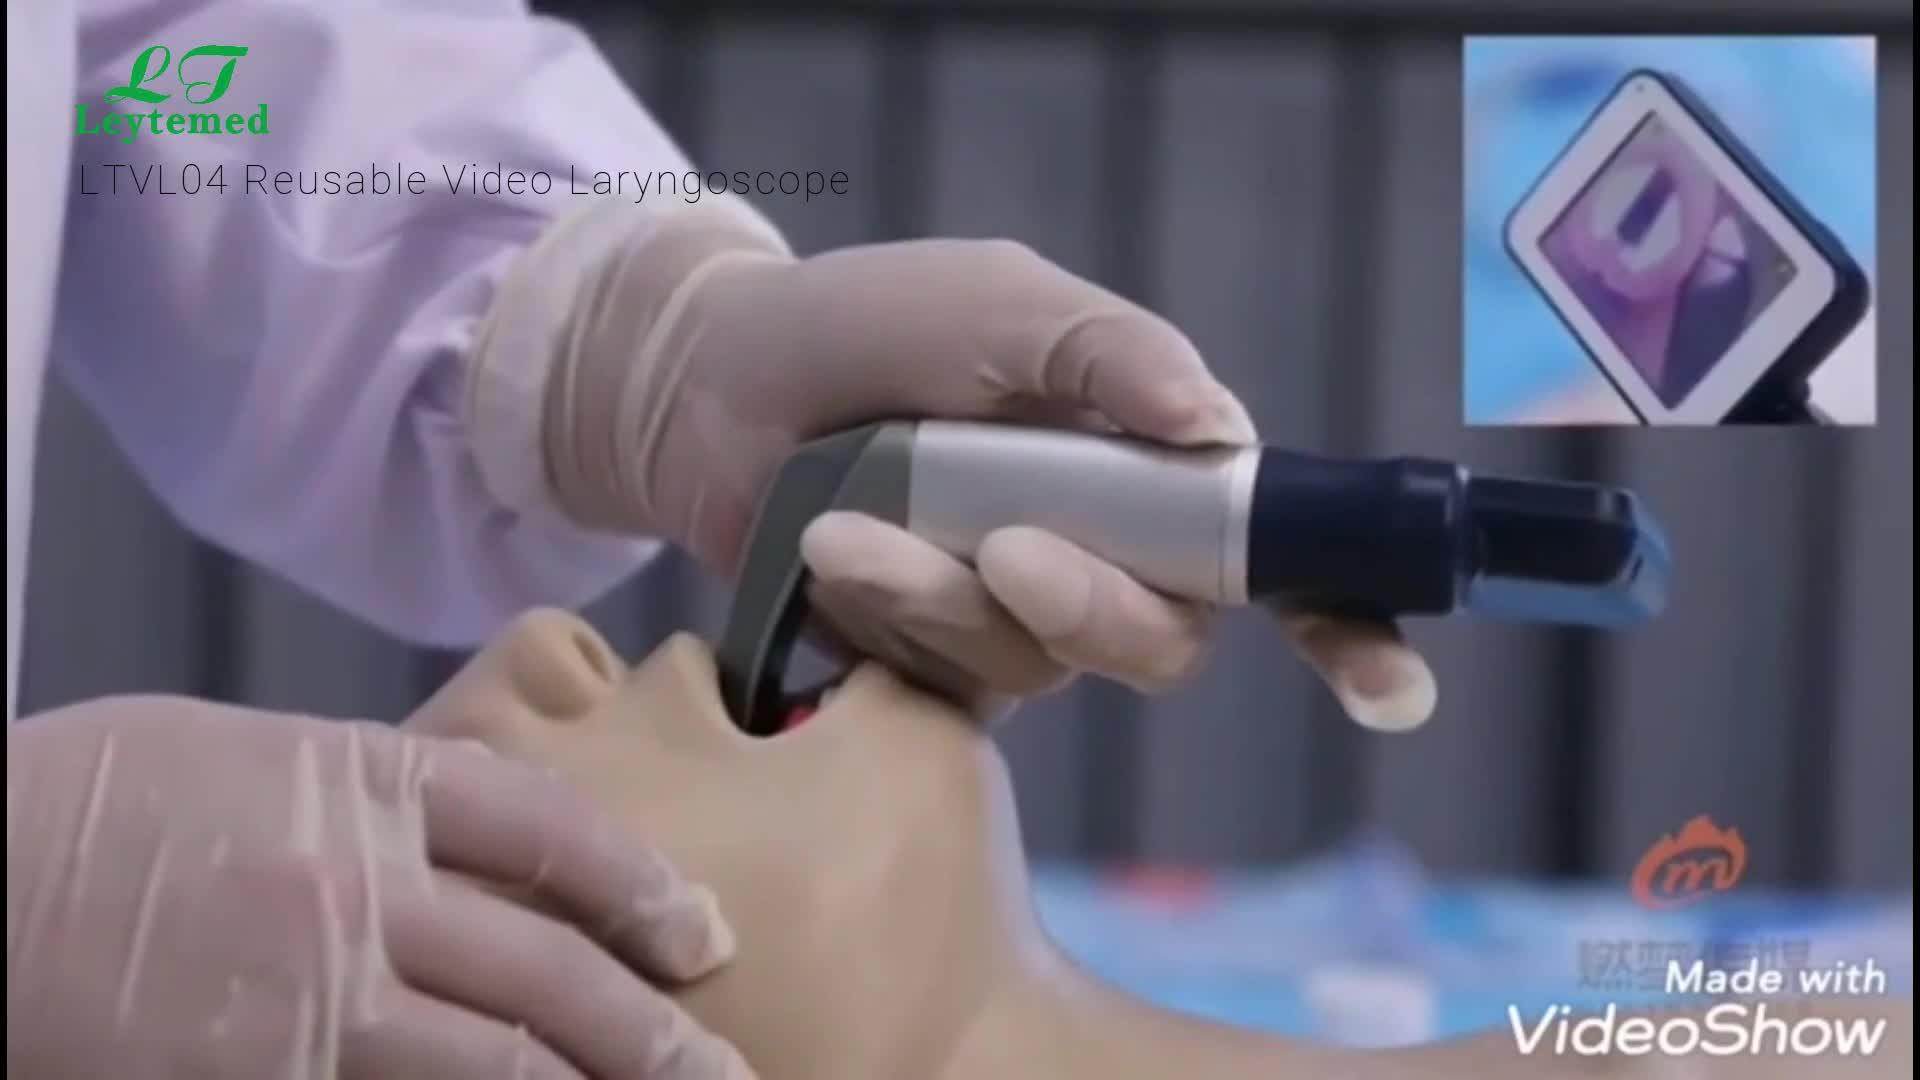 LTVL04 फैक्टरी मूल्य के साथ वीडियो Laryngoscope 6 पुन: प्रयोज्य ब्लेड